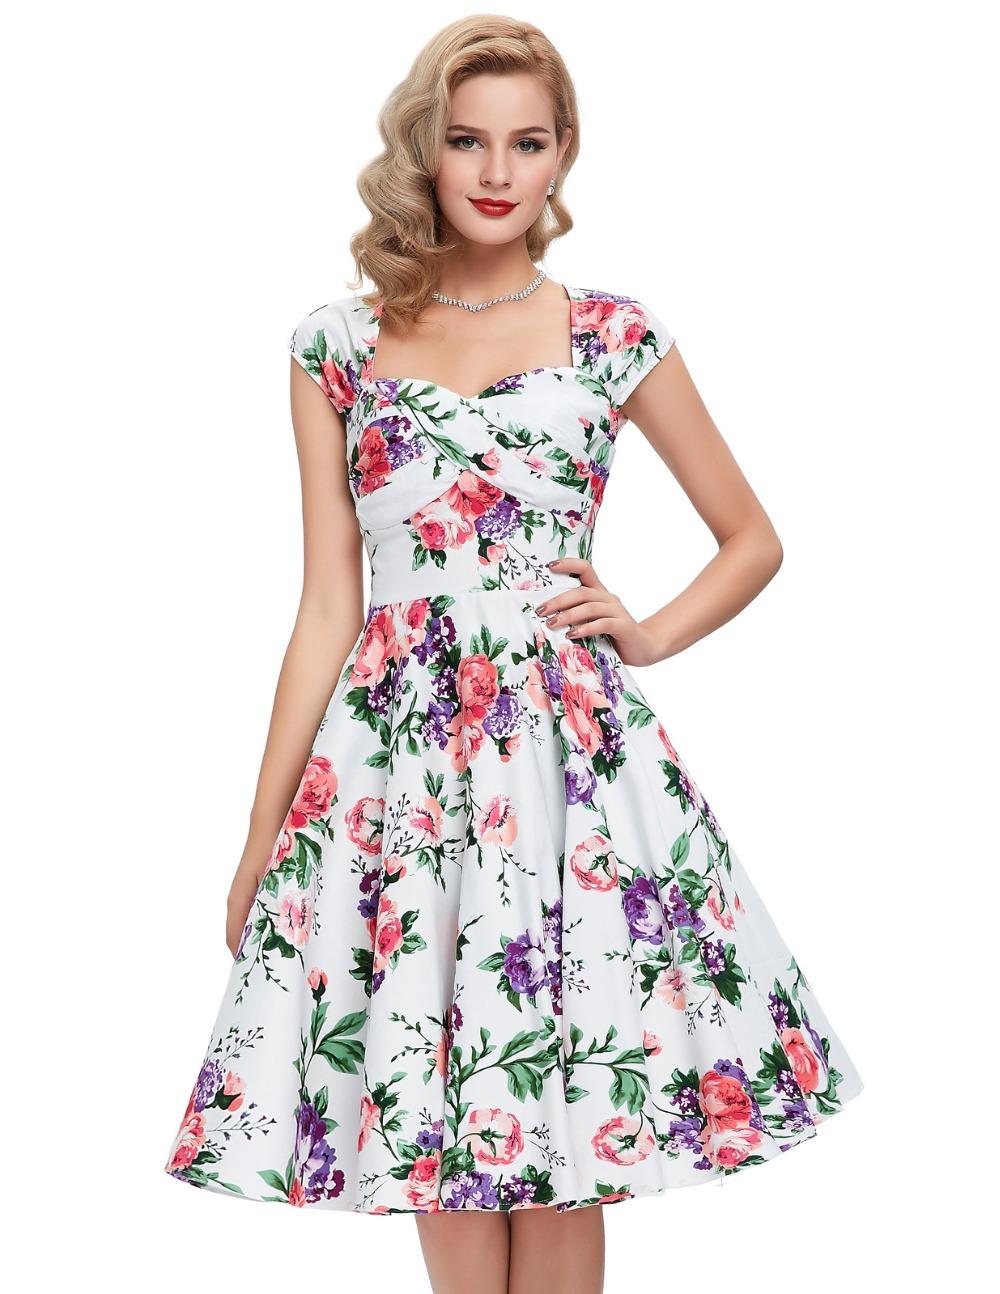 Rockabilly Dress Cotton 1950s Vintage Vestido Casual ...